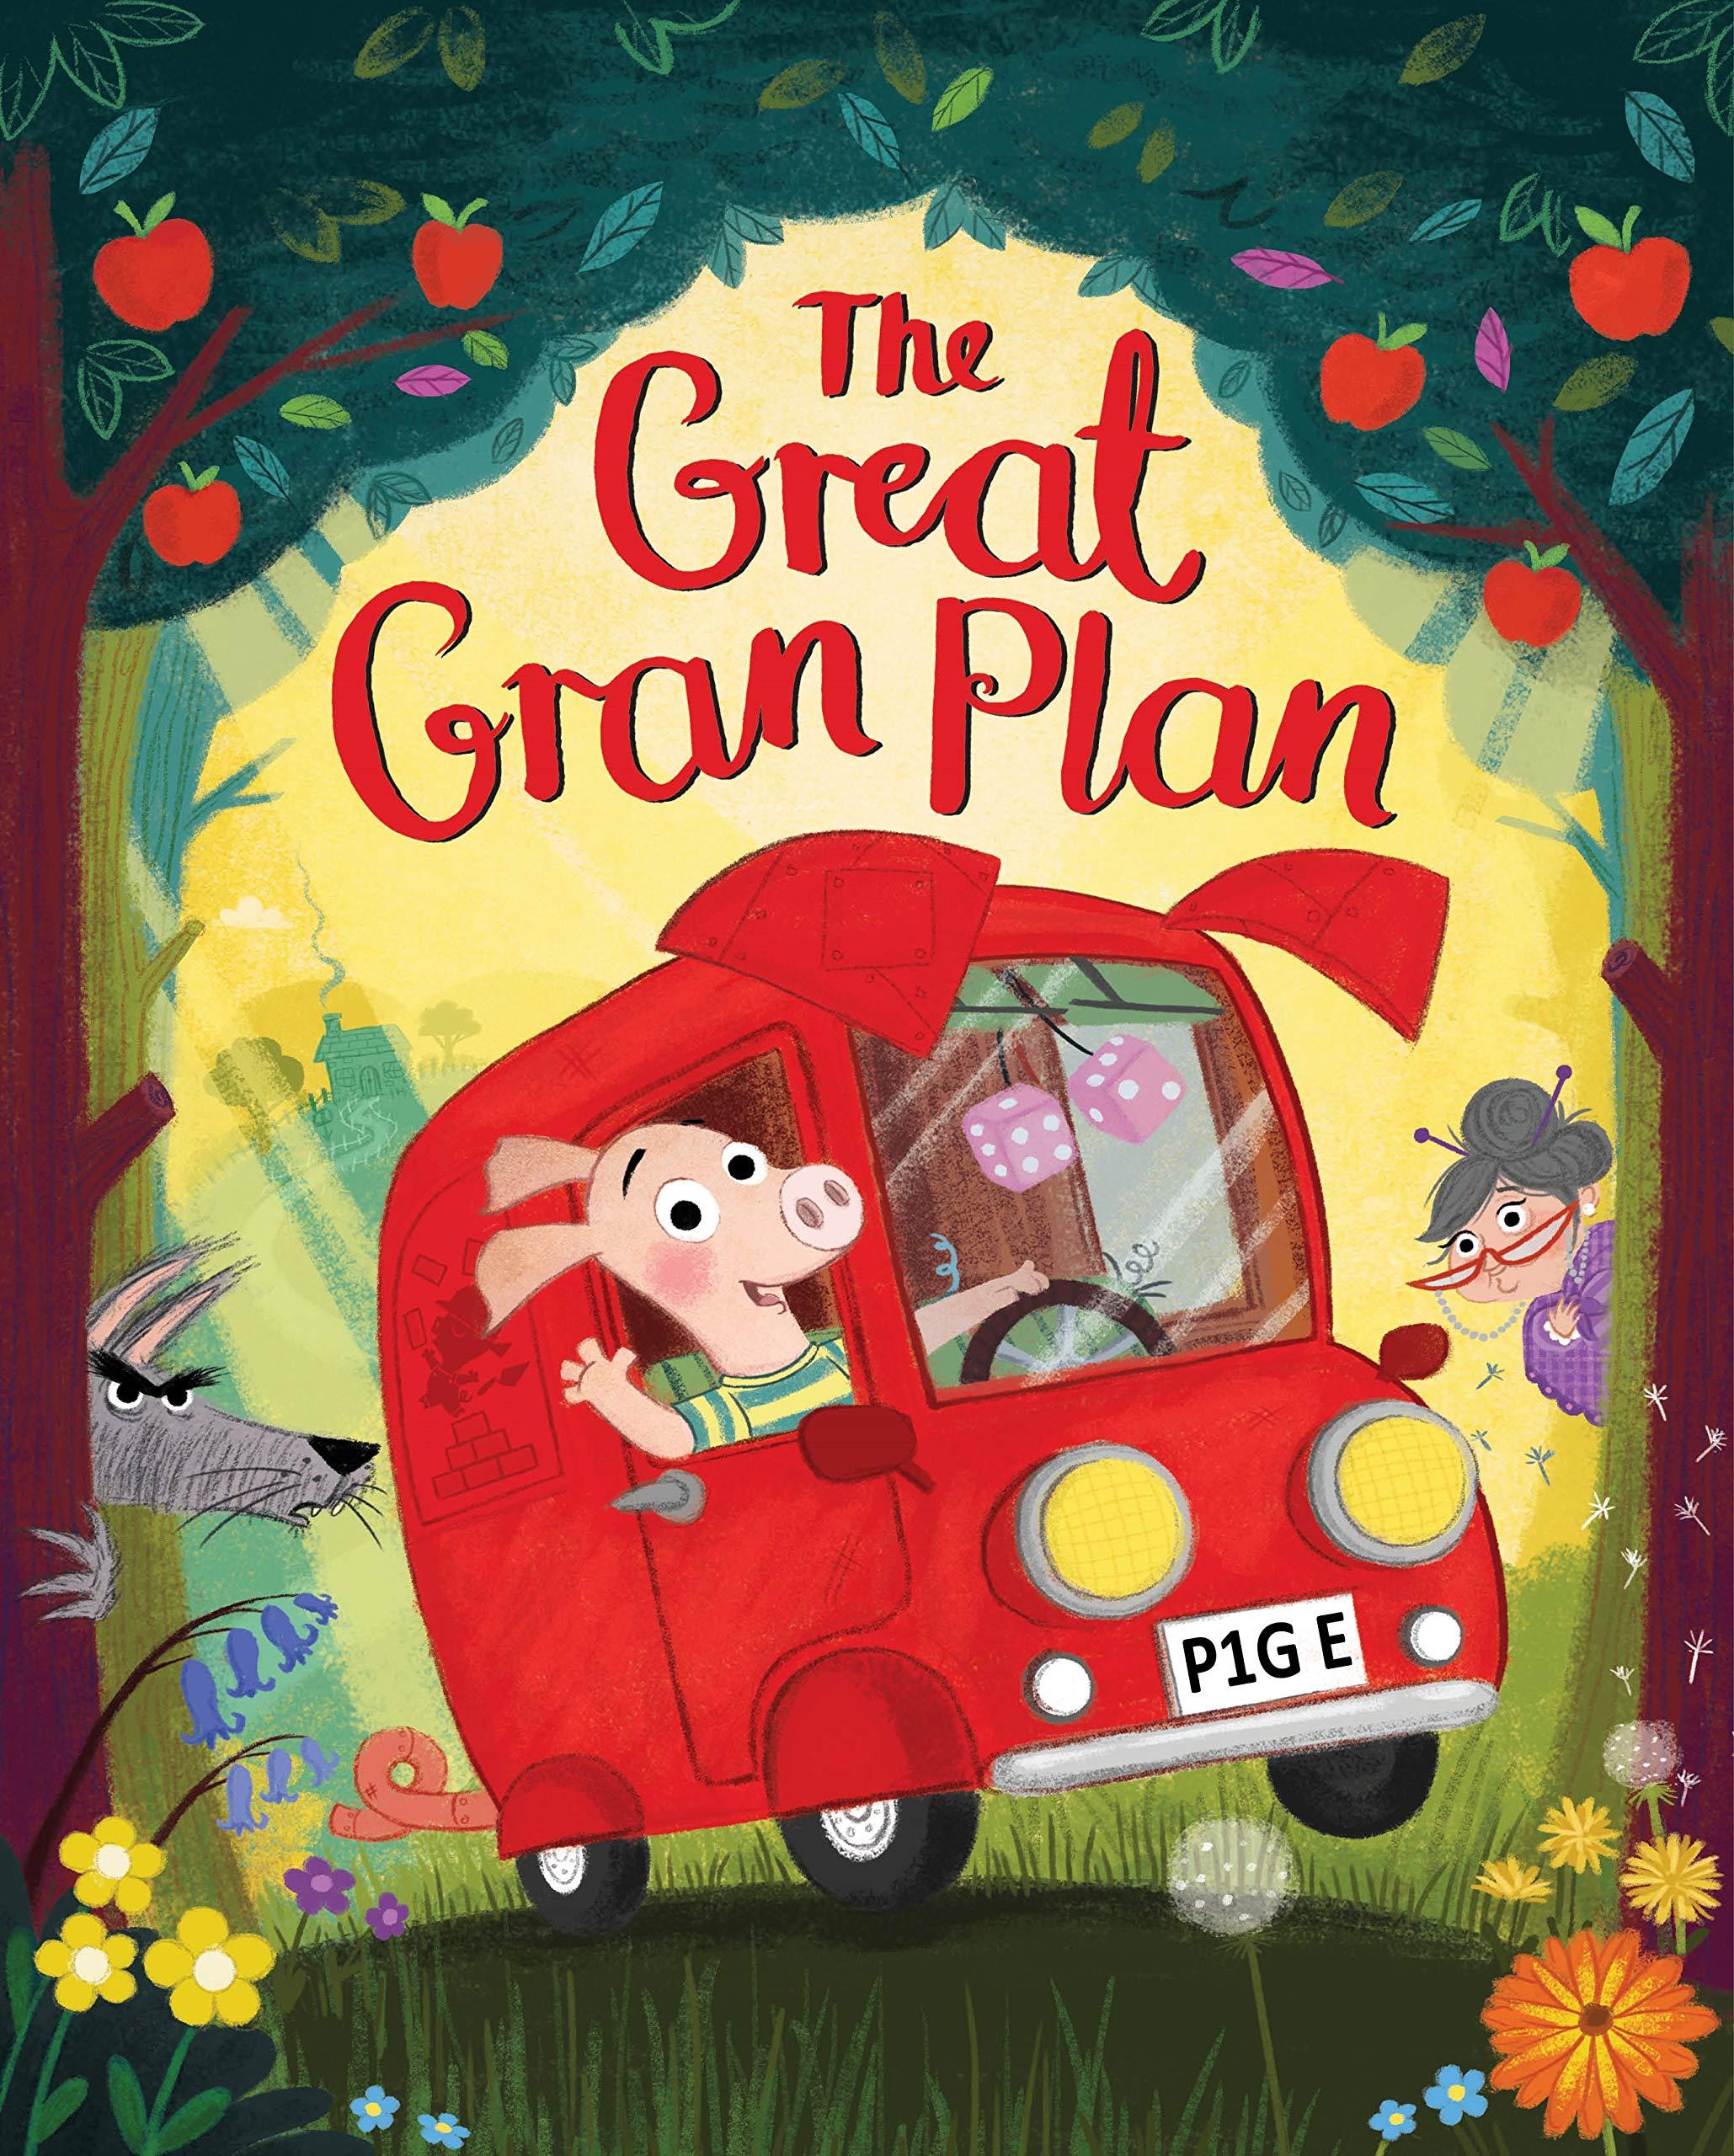 Great Gran Plan By Elli Woollard, Steven Lenton